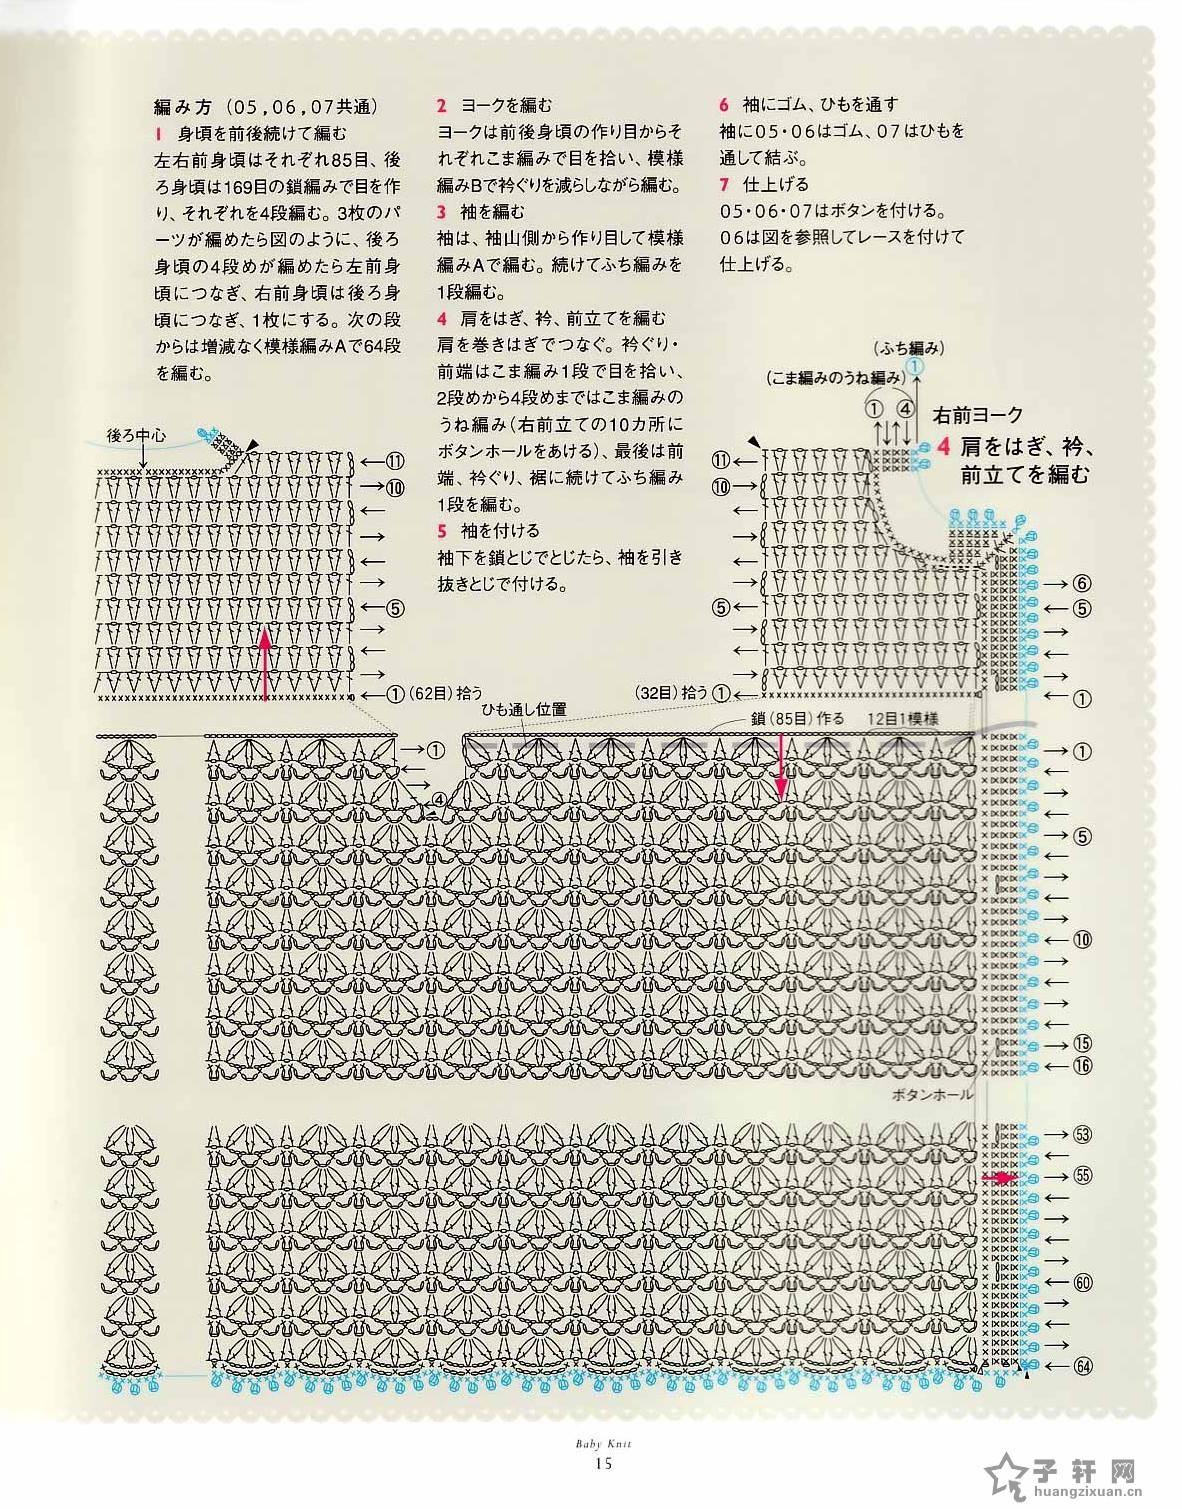 儿童钩衣 - 手工制作网 - 17.jpg